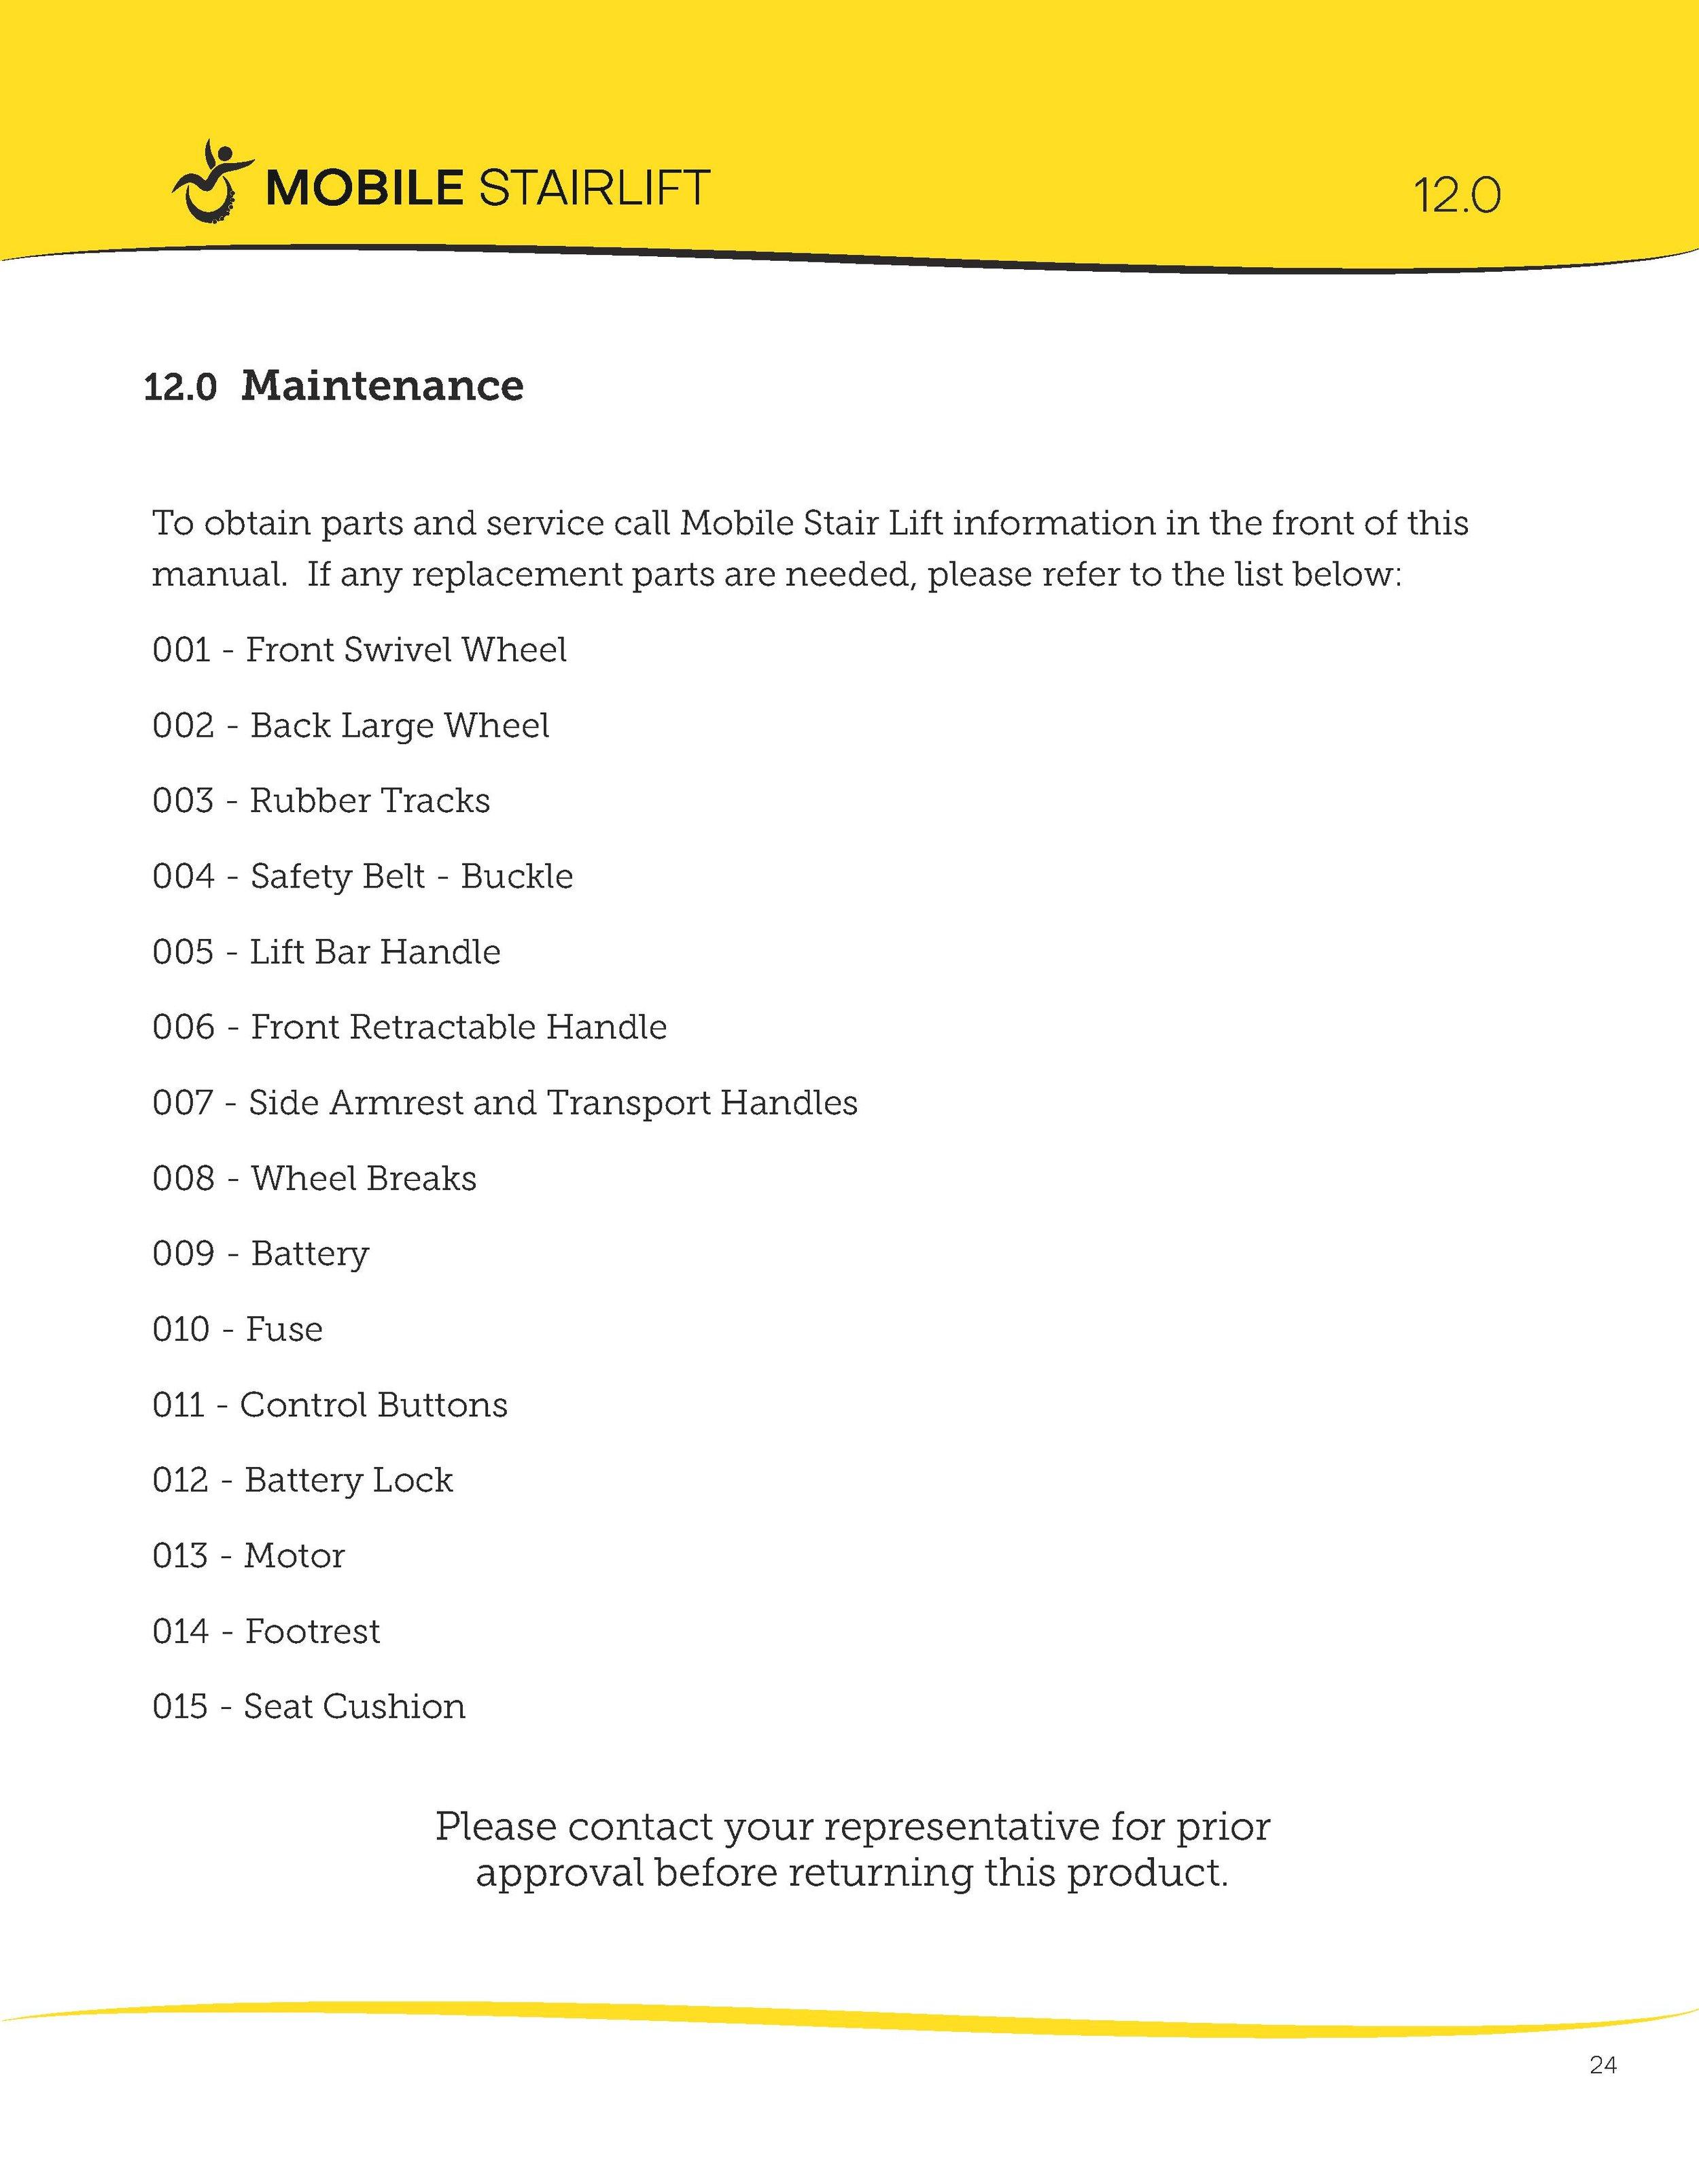 Mobile Stairlift Instruction Manual-25.jpg